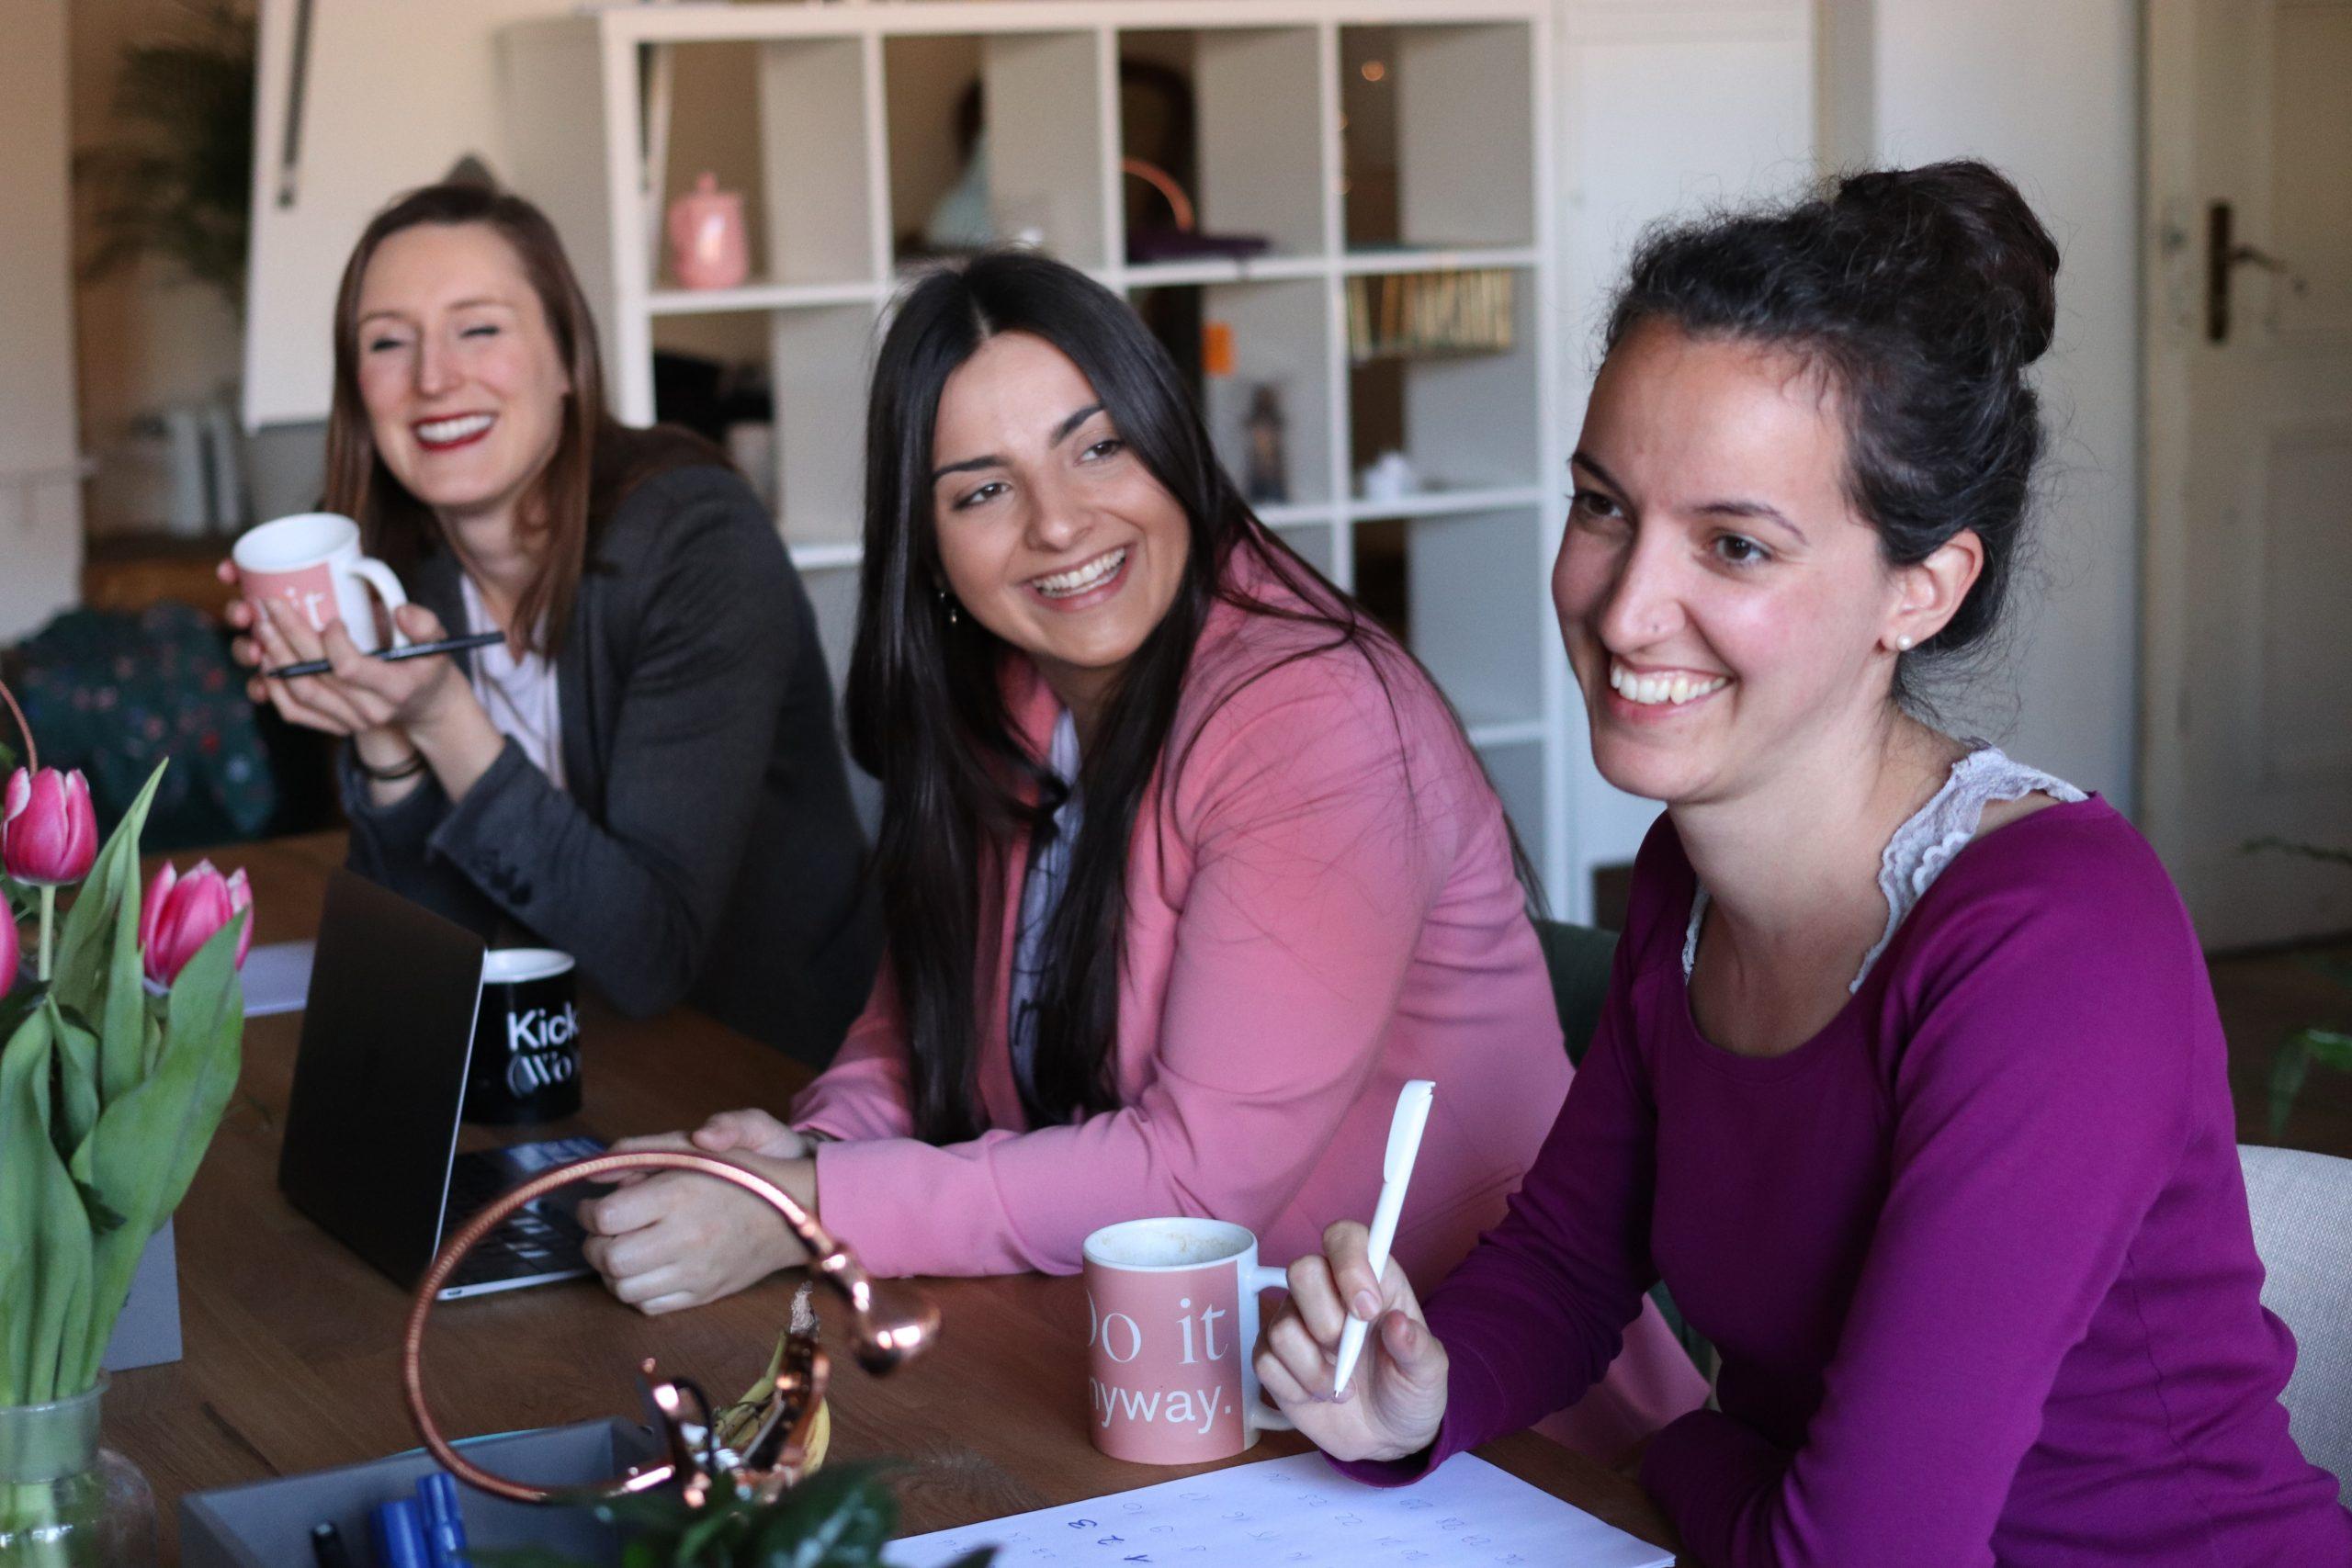 Klub inwestycyjny dla kobiet osiąga lepsze wyniki niż klub inwestycyjny dla mężczyzn